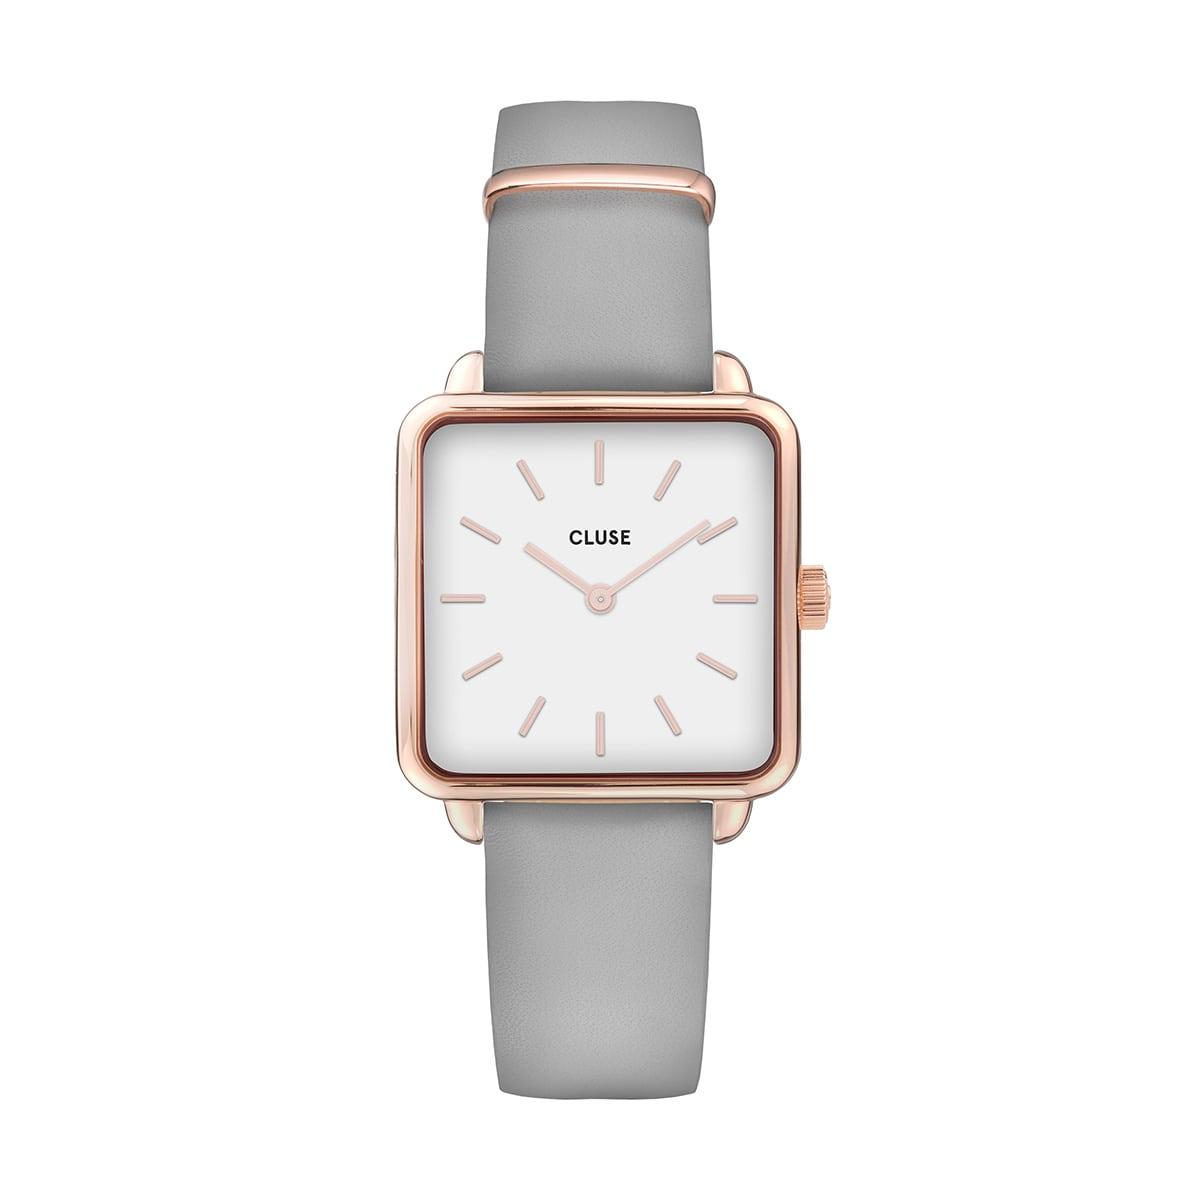 鈴木友菜 着用 28.5mm - CW0101207004 ラ・テトラゴン ローズゴールド ホワイト グレー CLUSE クルース 腕時計